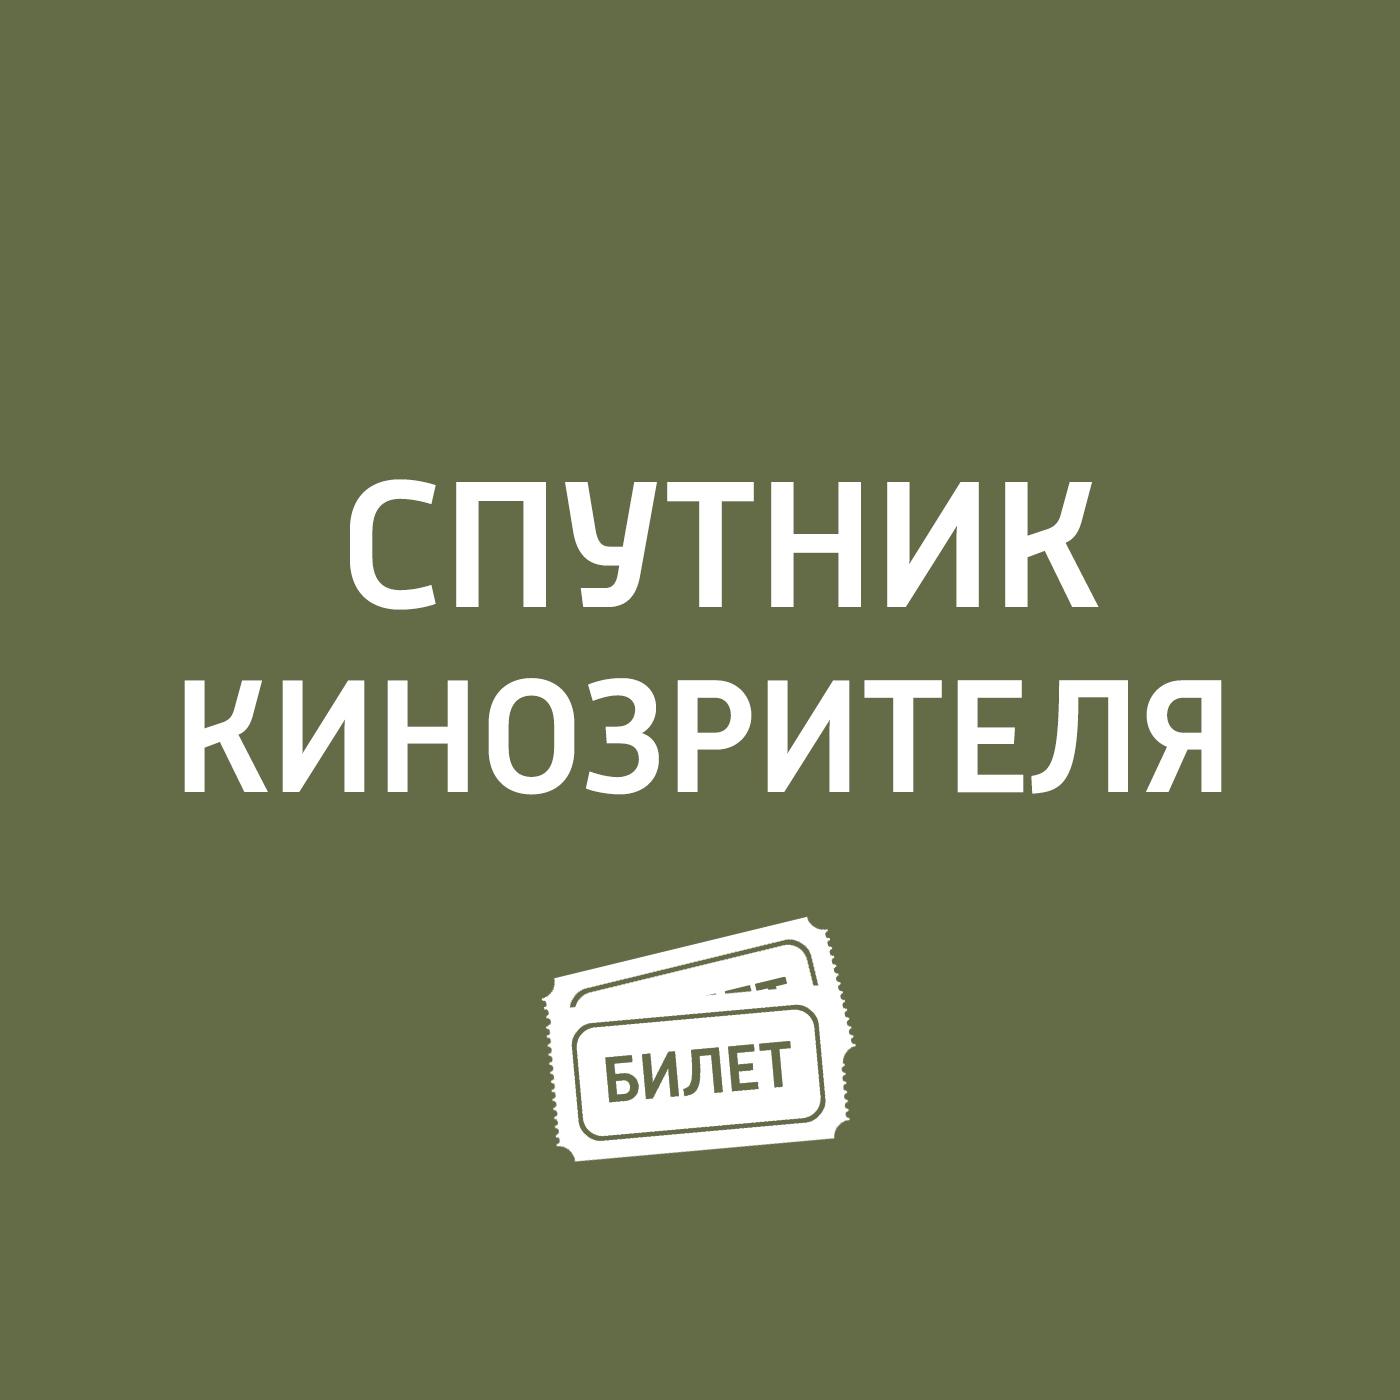 Антон Долин Неудержимые-3, «Красотки Парижа sitemap 3 xml href